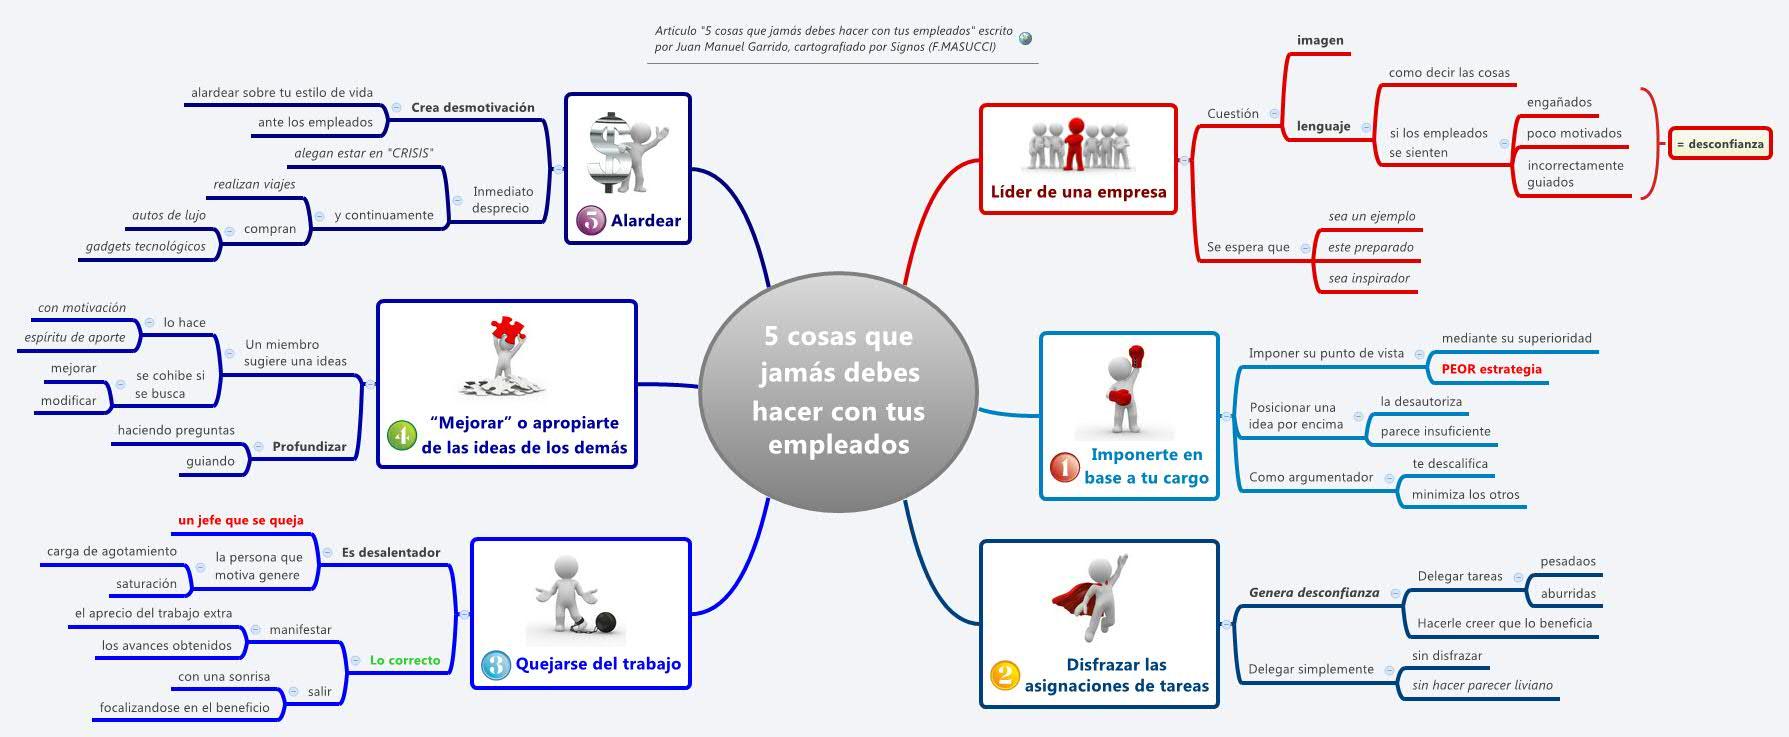 5cosas-que-jamas-deben-hacer-con-sus-empleados